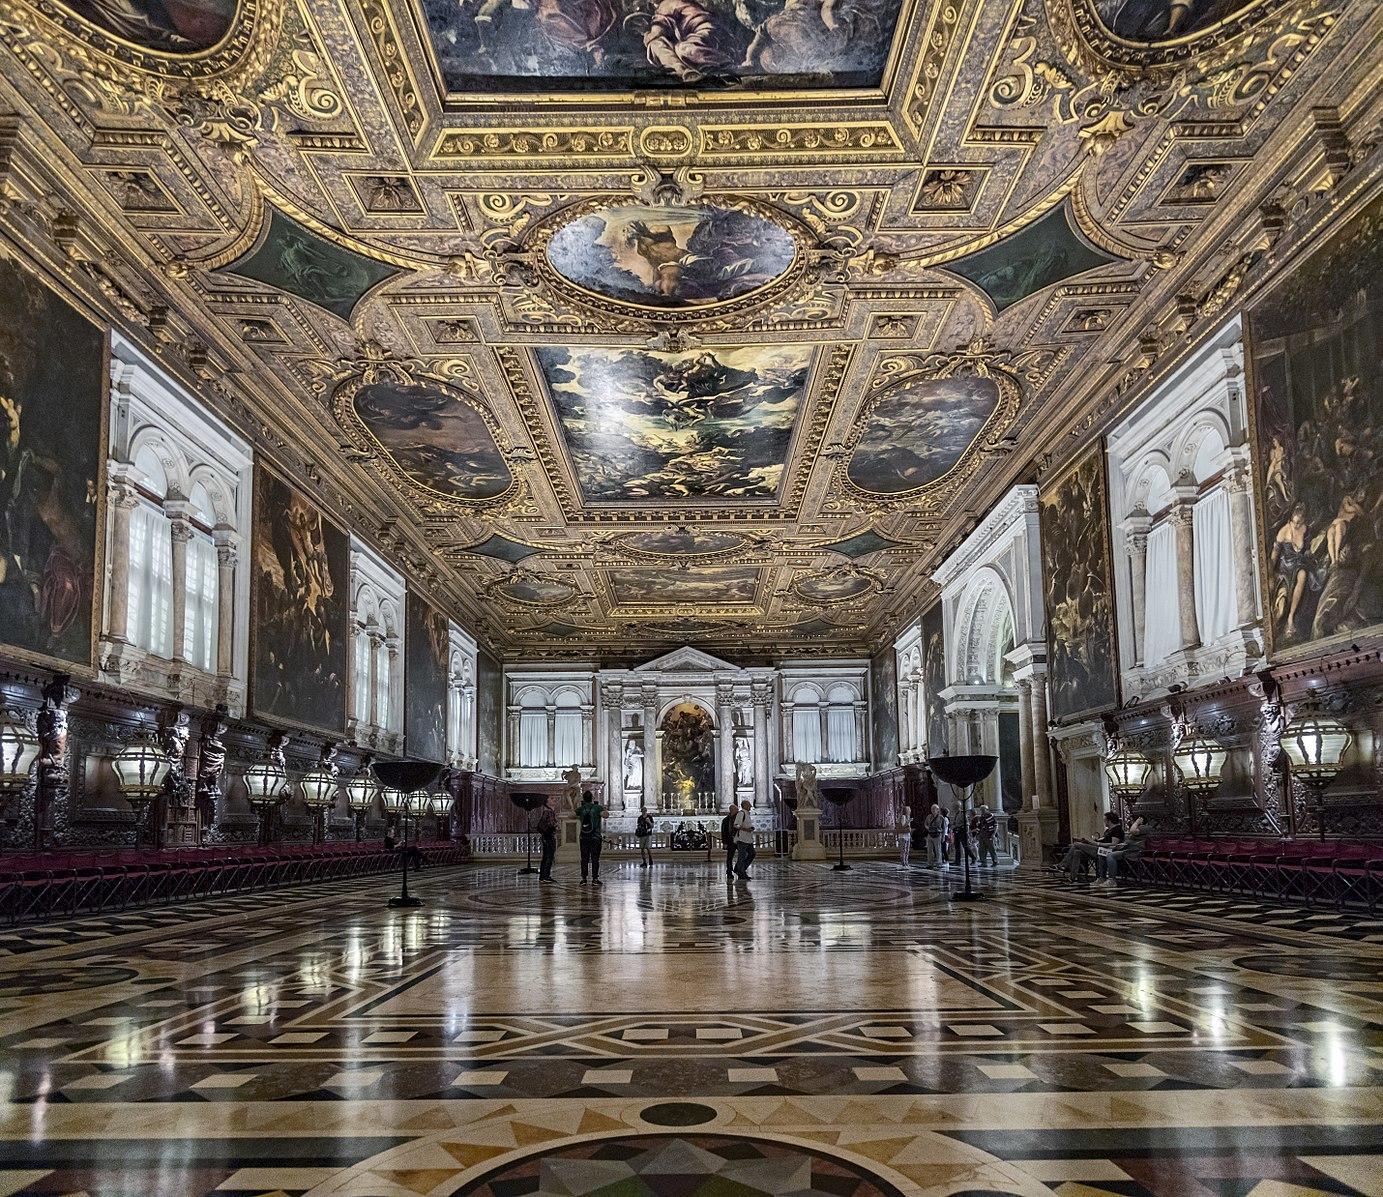 Scuola Grande di San Rocco (Venice)